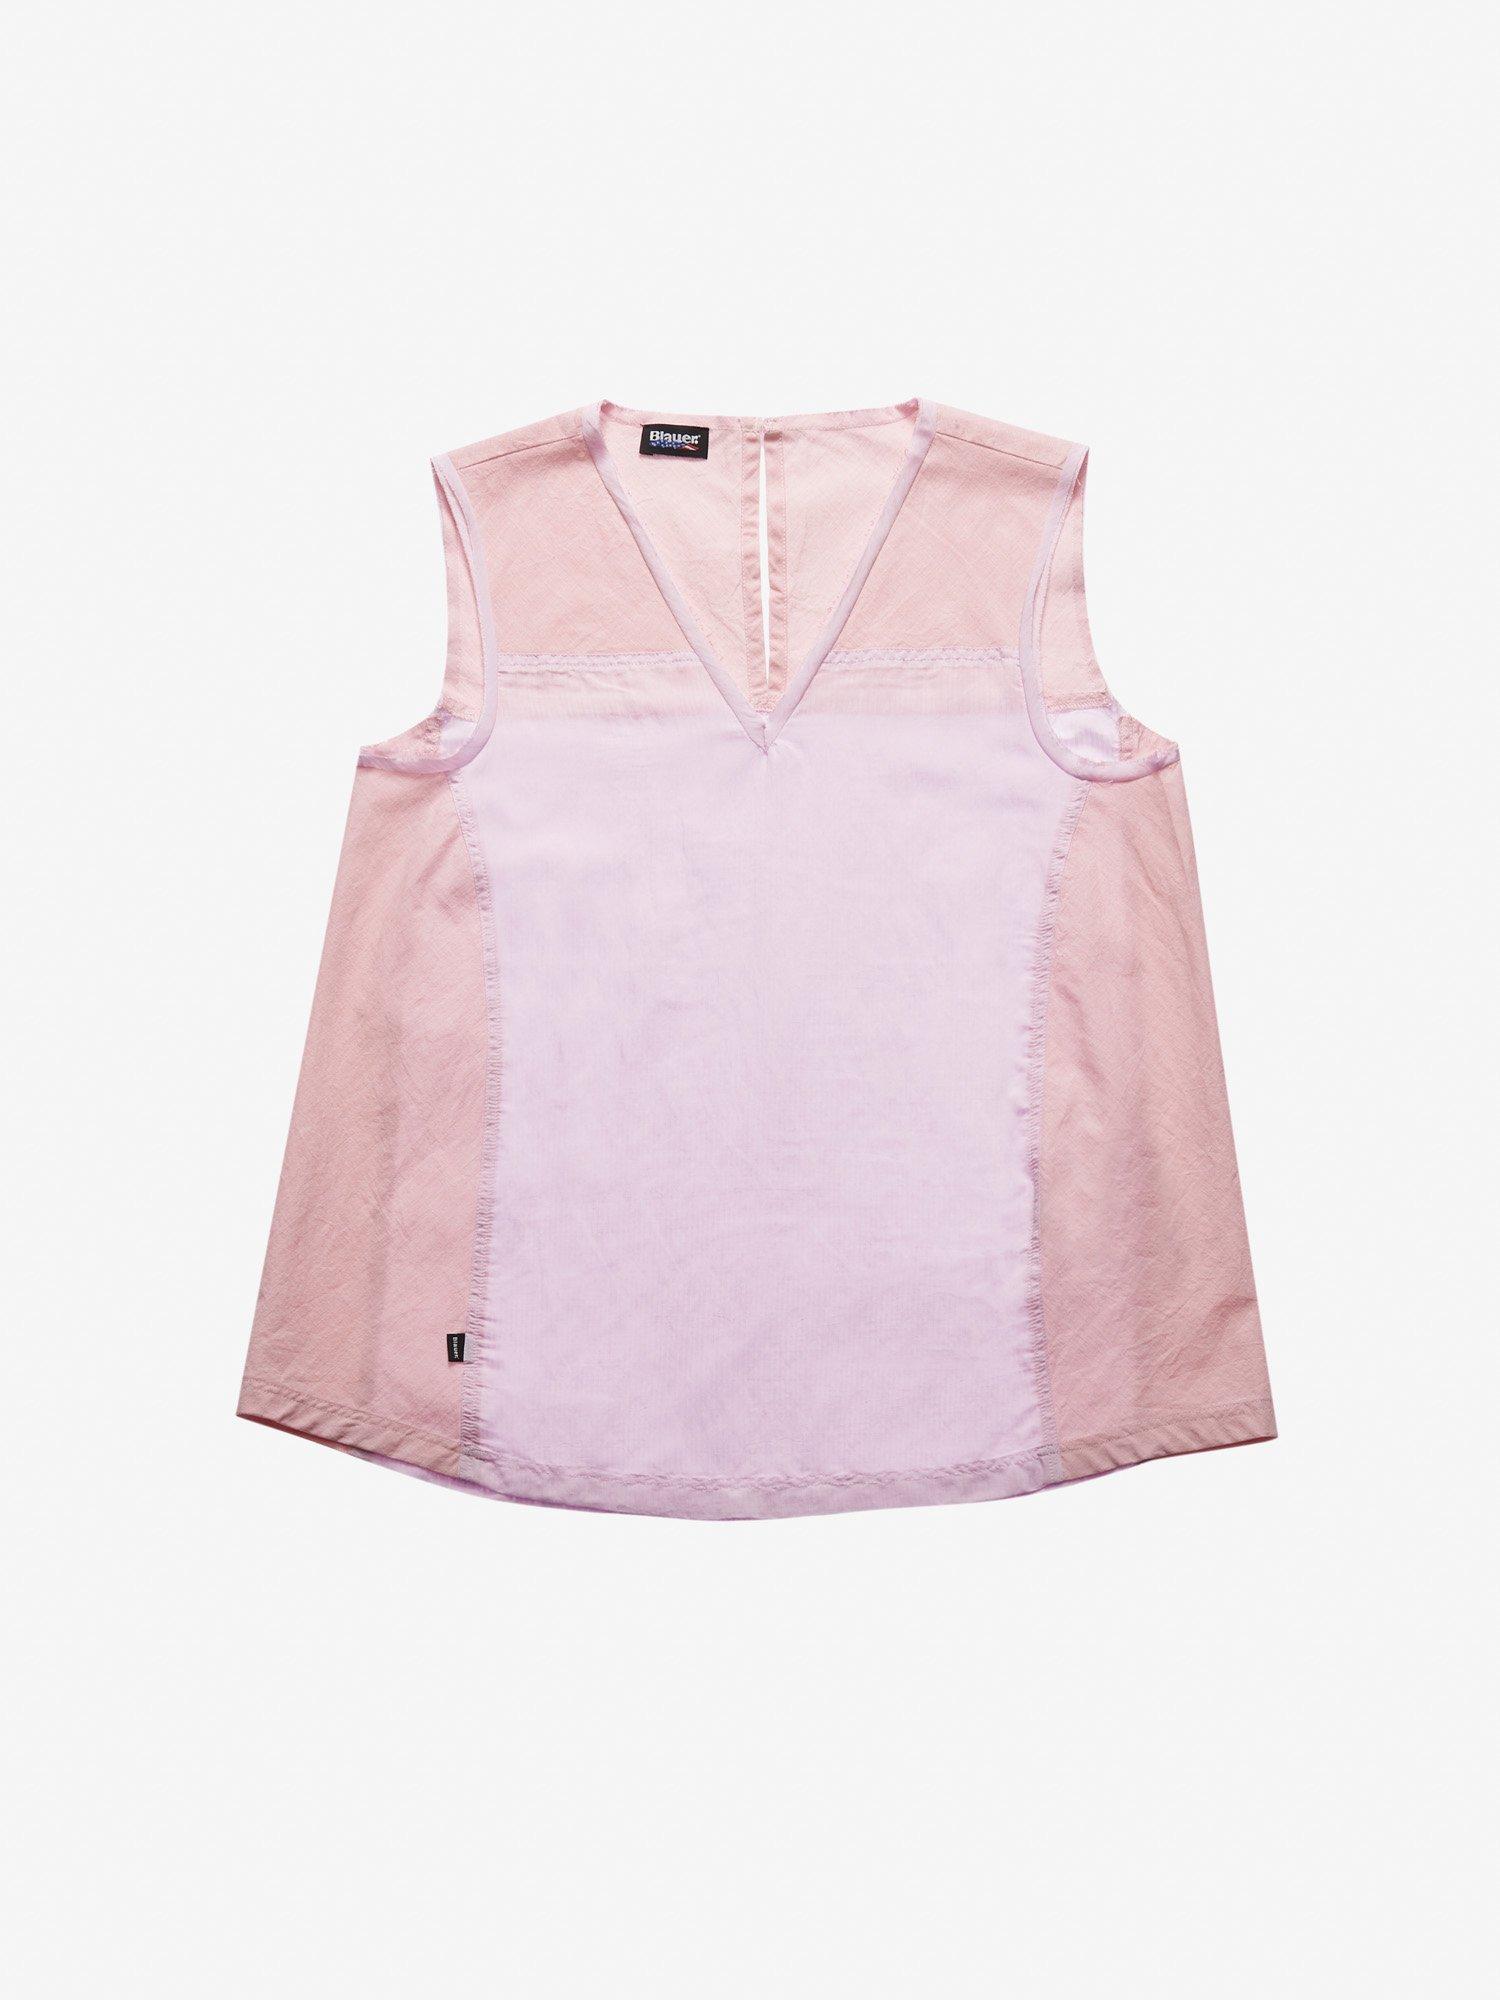 Blauer - ÄRMELLOSE BLUSE ZWEIFARBIG - Pink Pastel - Blauer